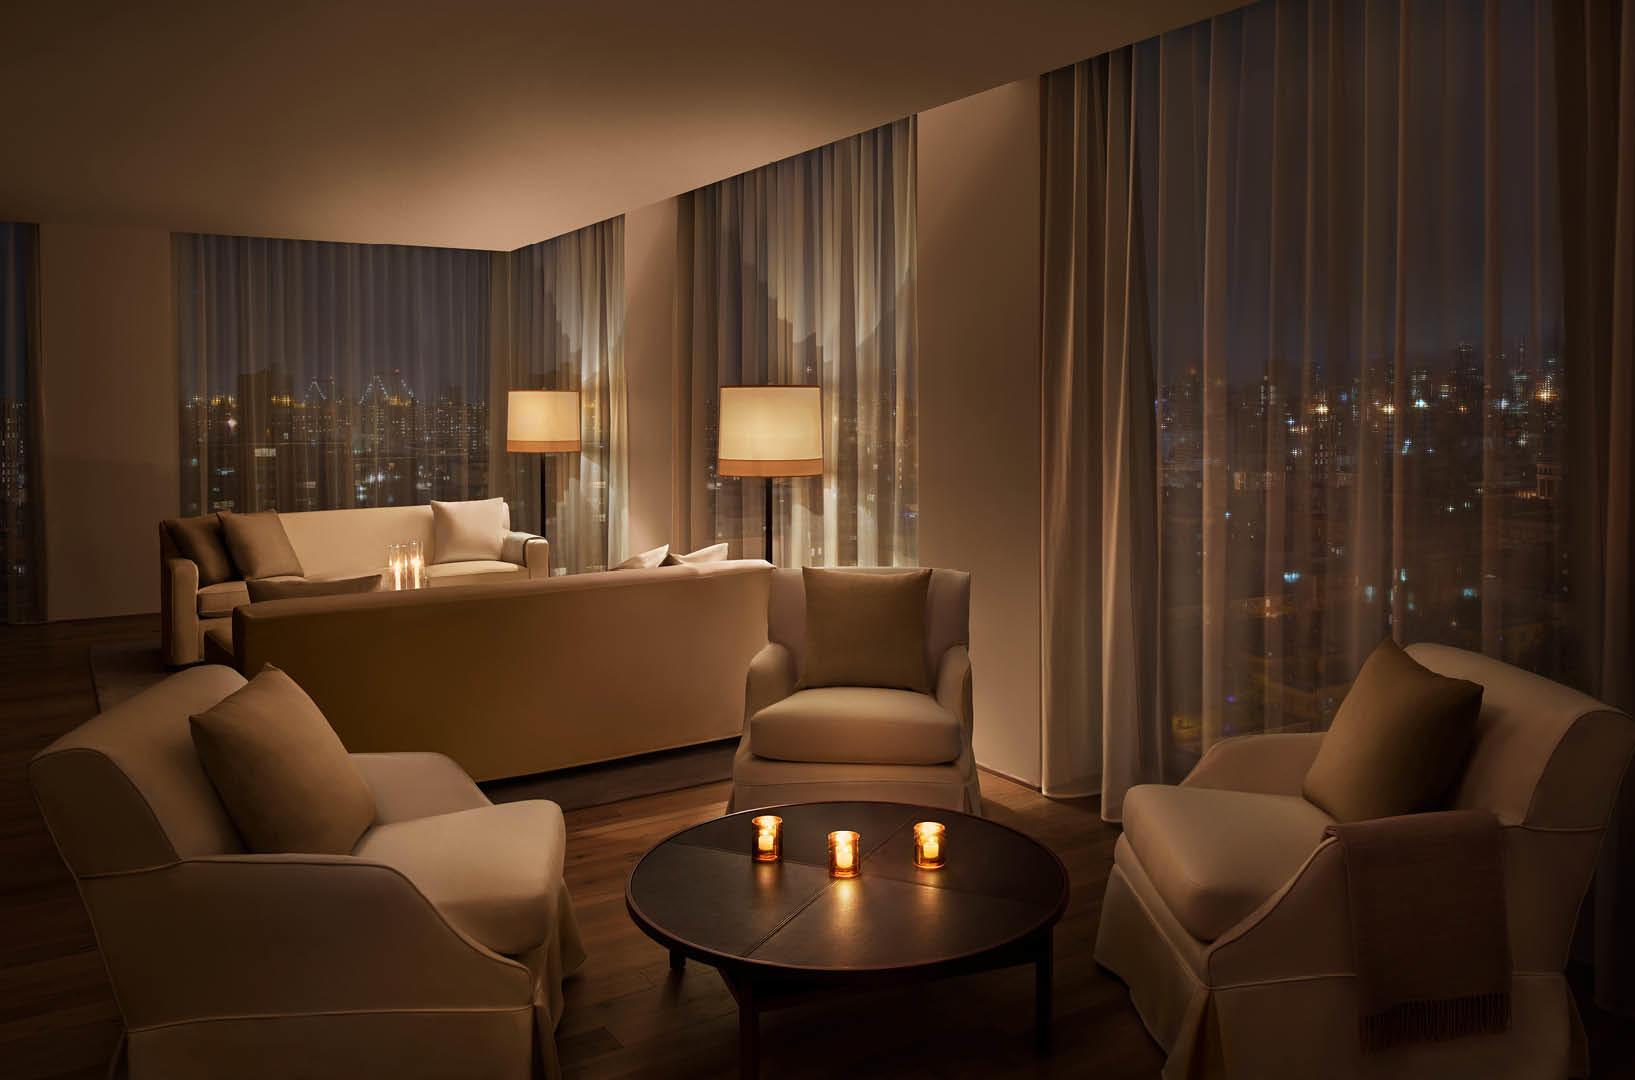 Hotels.com. U201c